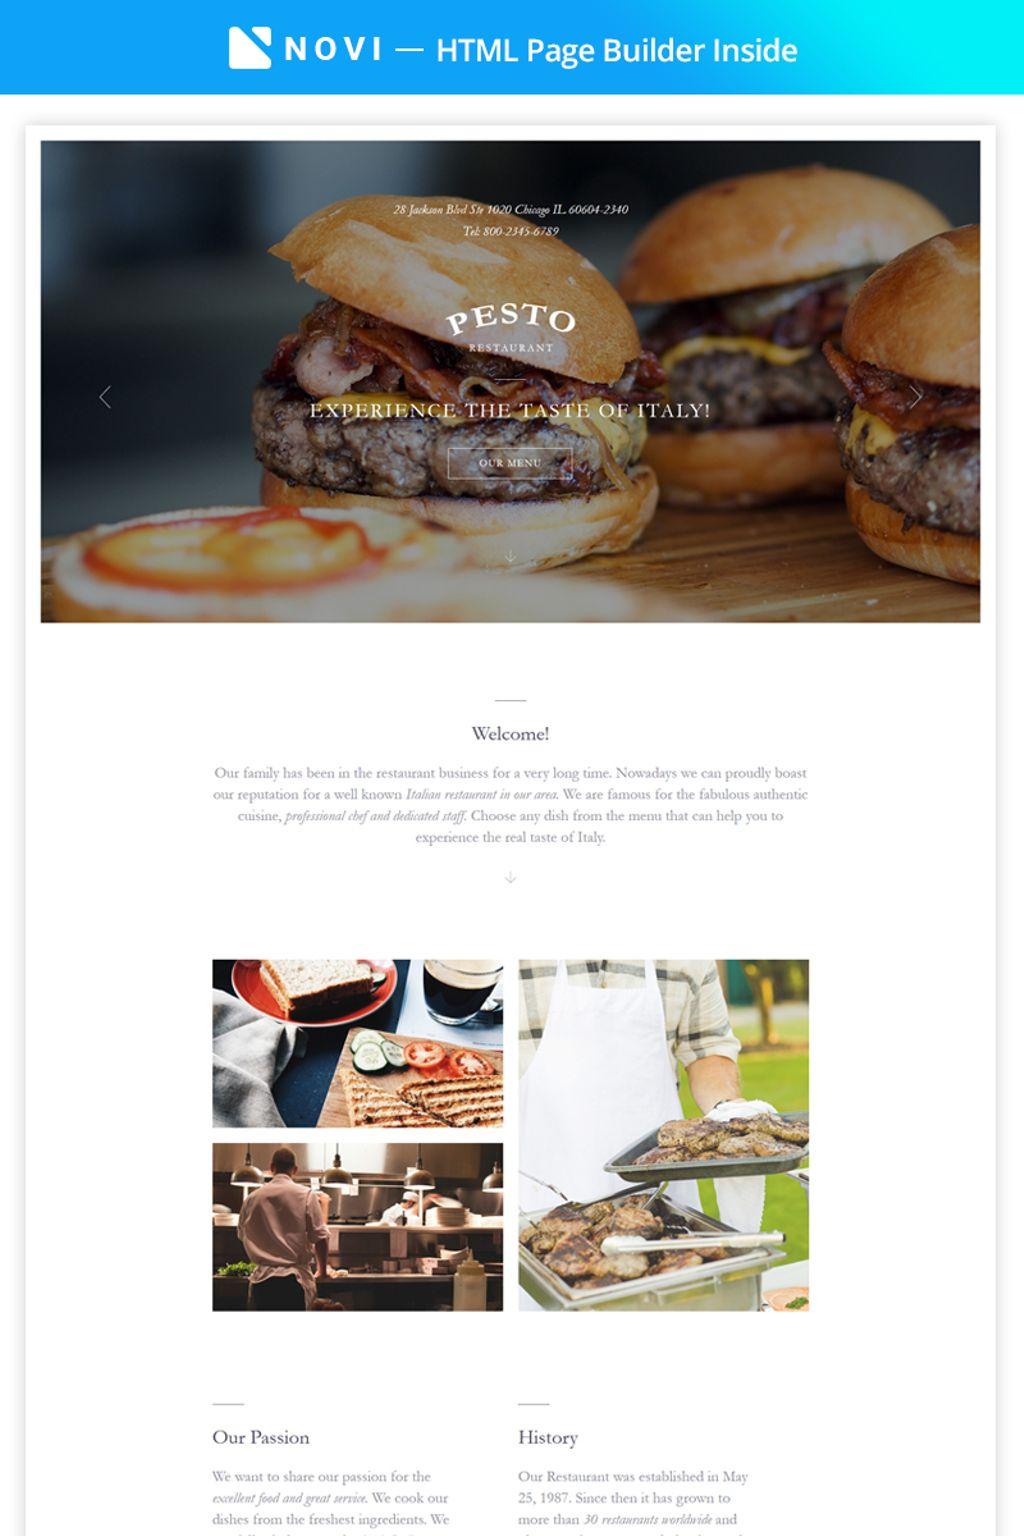 website design template 67373 food restaurant cafe drink menu wine reservation cooking recipe kitchen cocktail